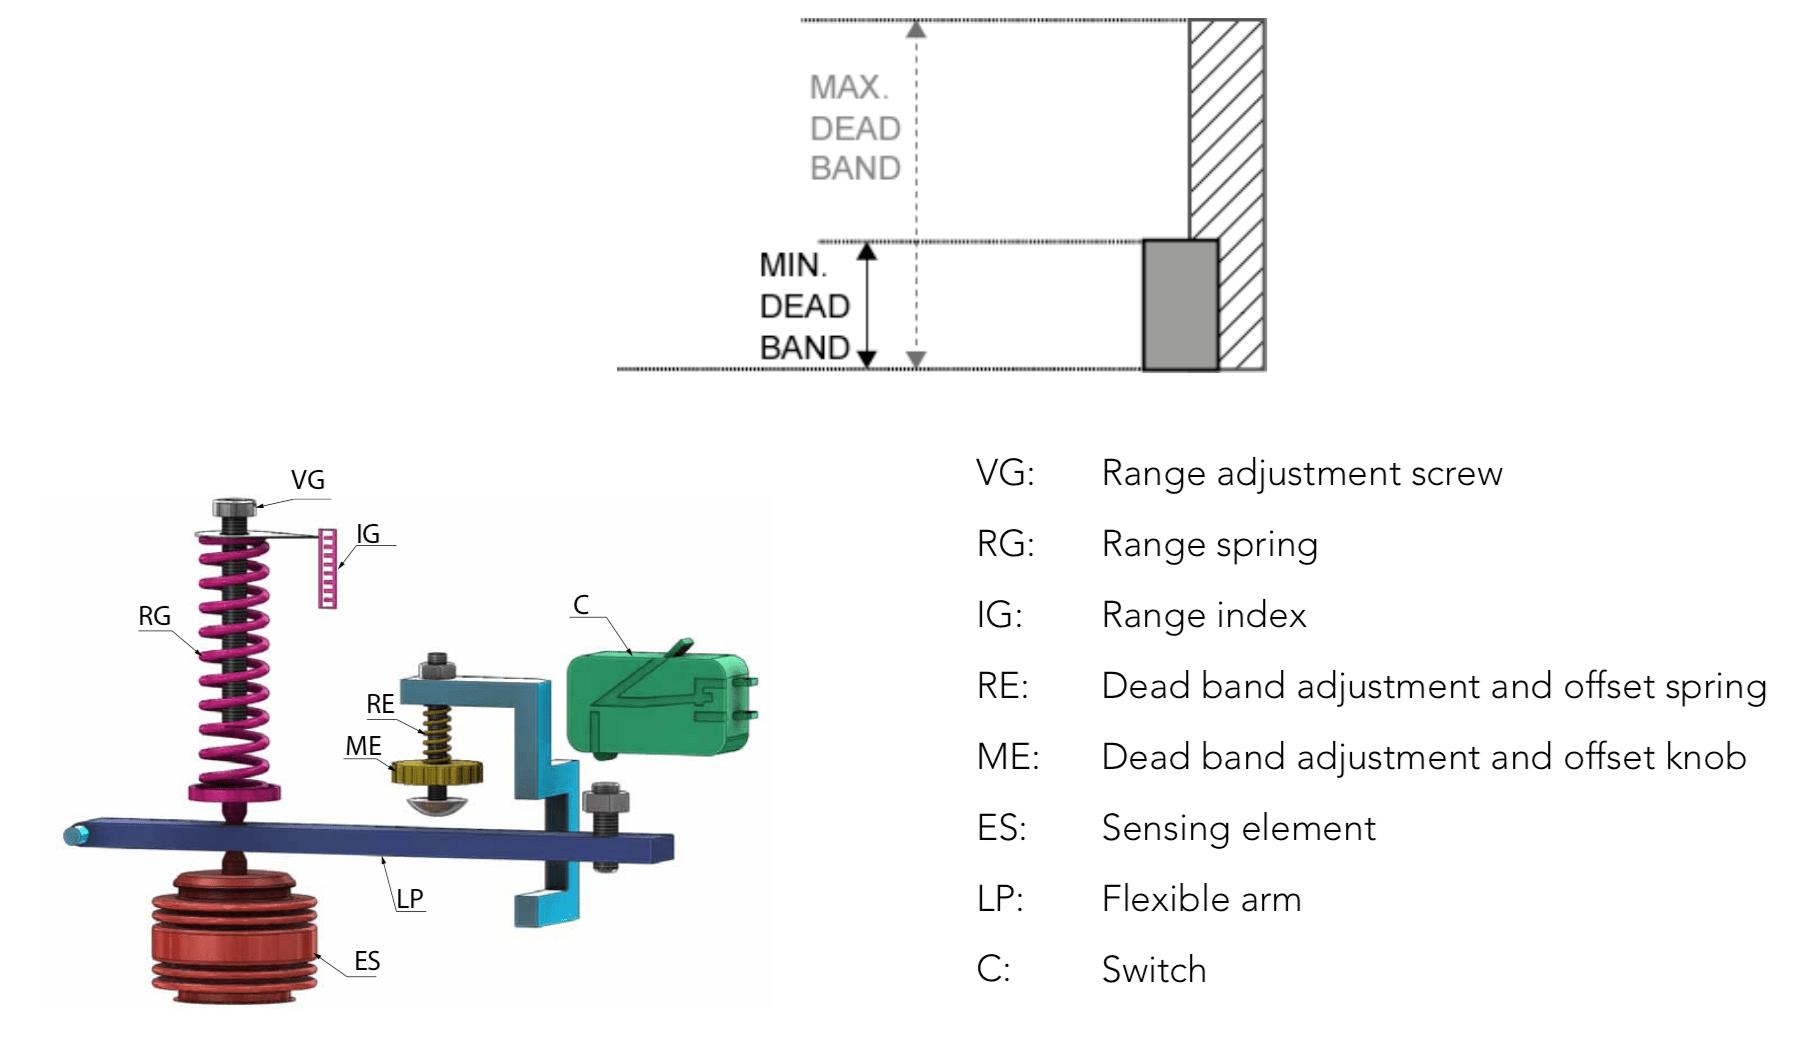 cách chỉnh công tắc áp suất adjust dead band